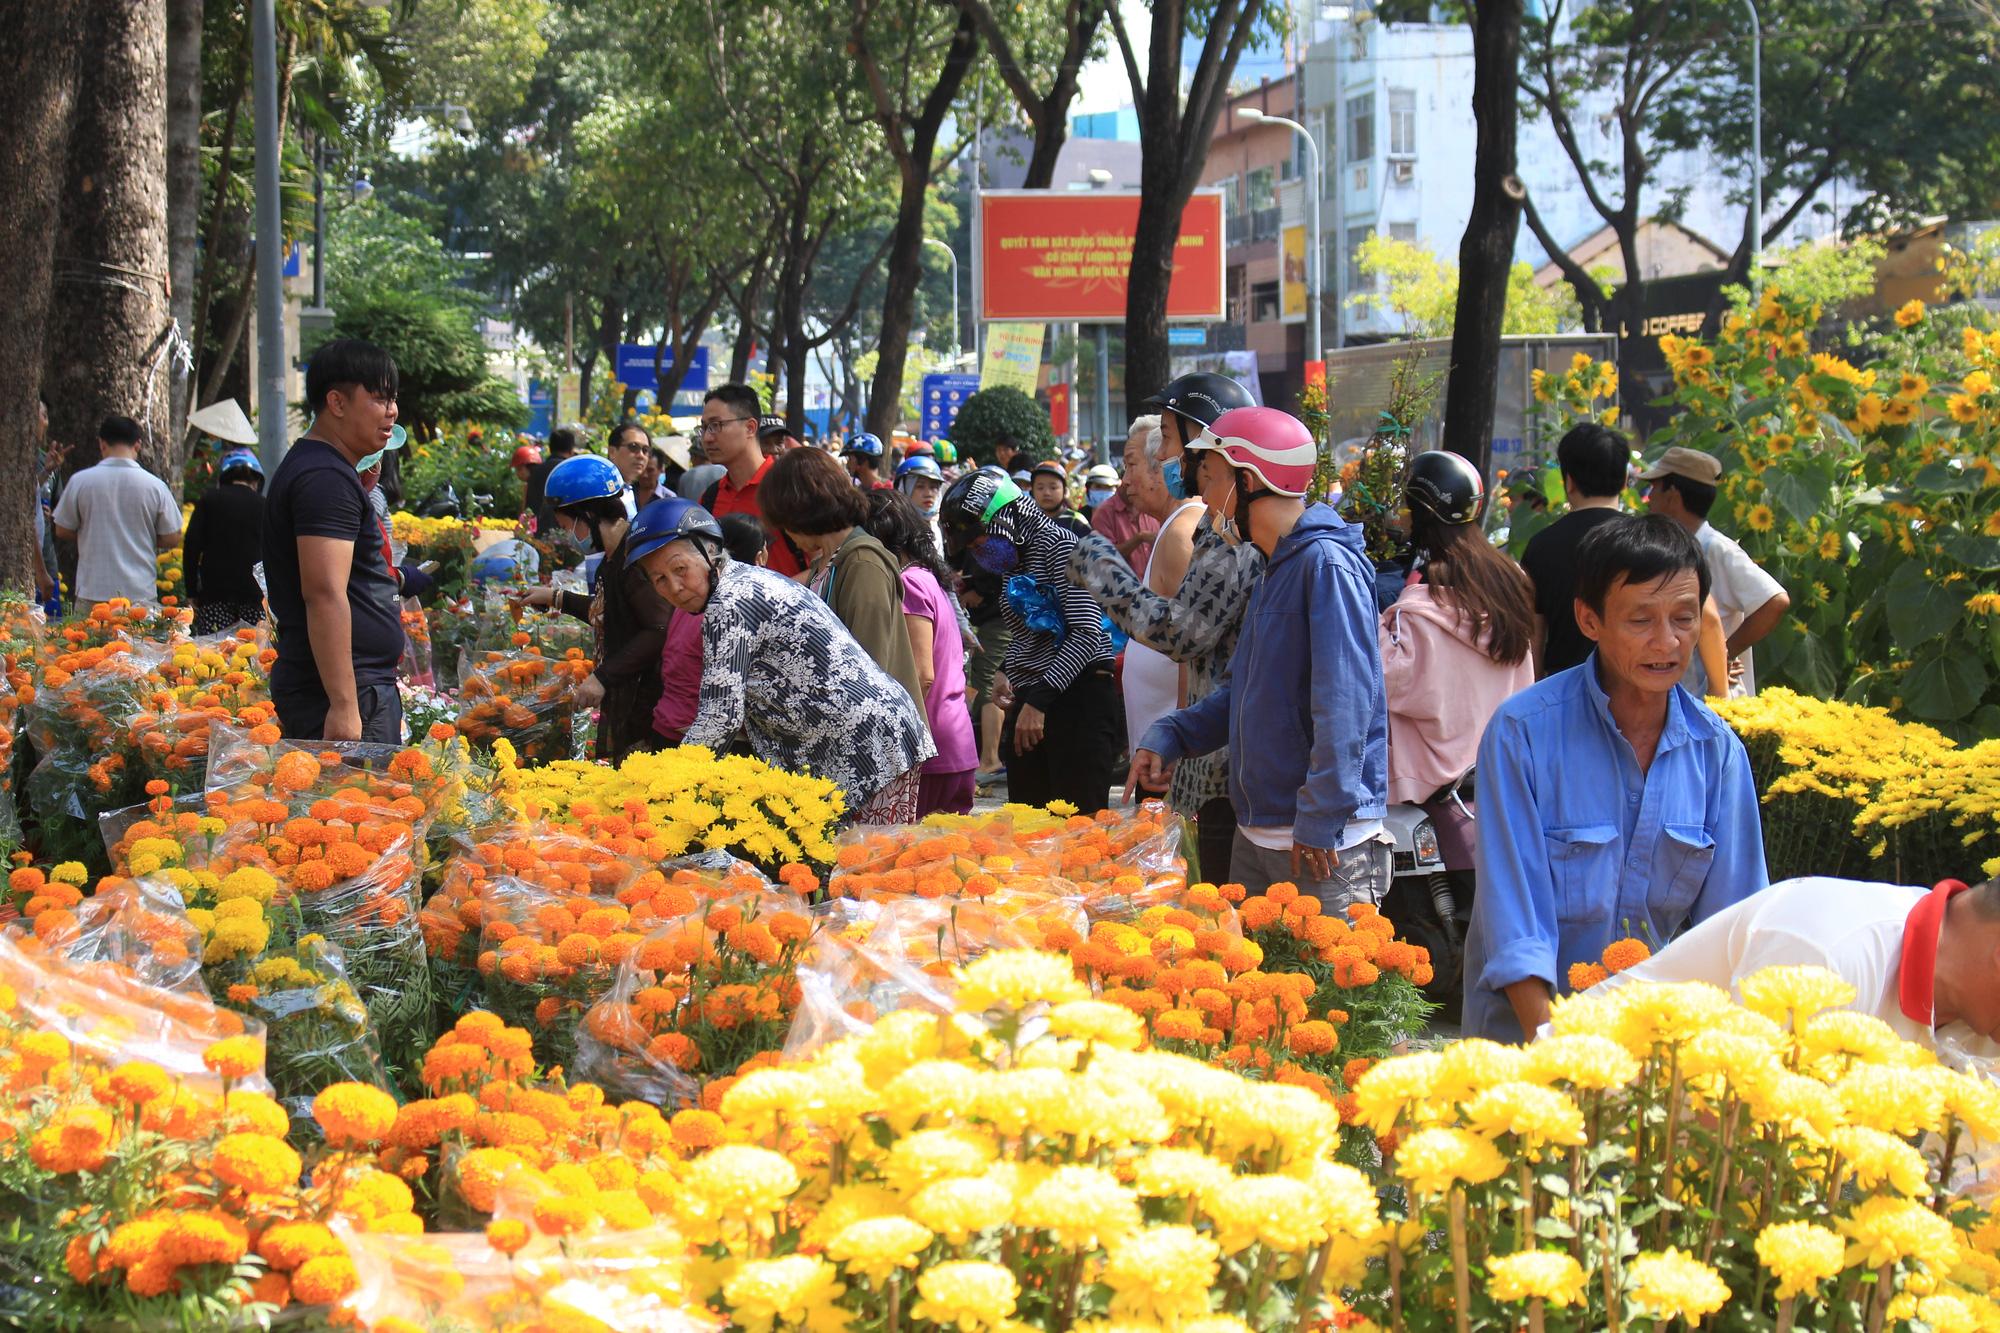 Trưa 30 Tết, mai, đào, hướng dương bán rẻ như cho 50.000 đồng một cây ở chợ hoa Sài Gòn - Ảnh 1.